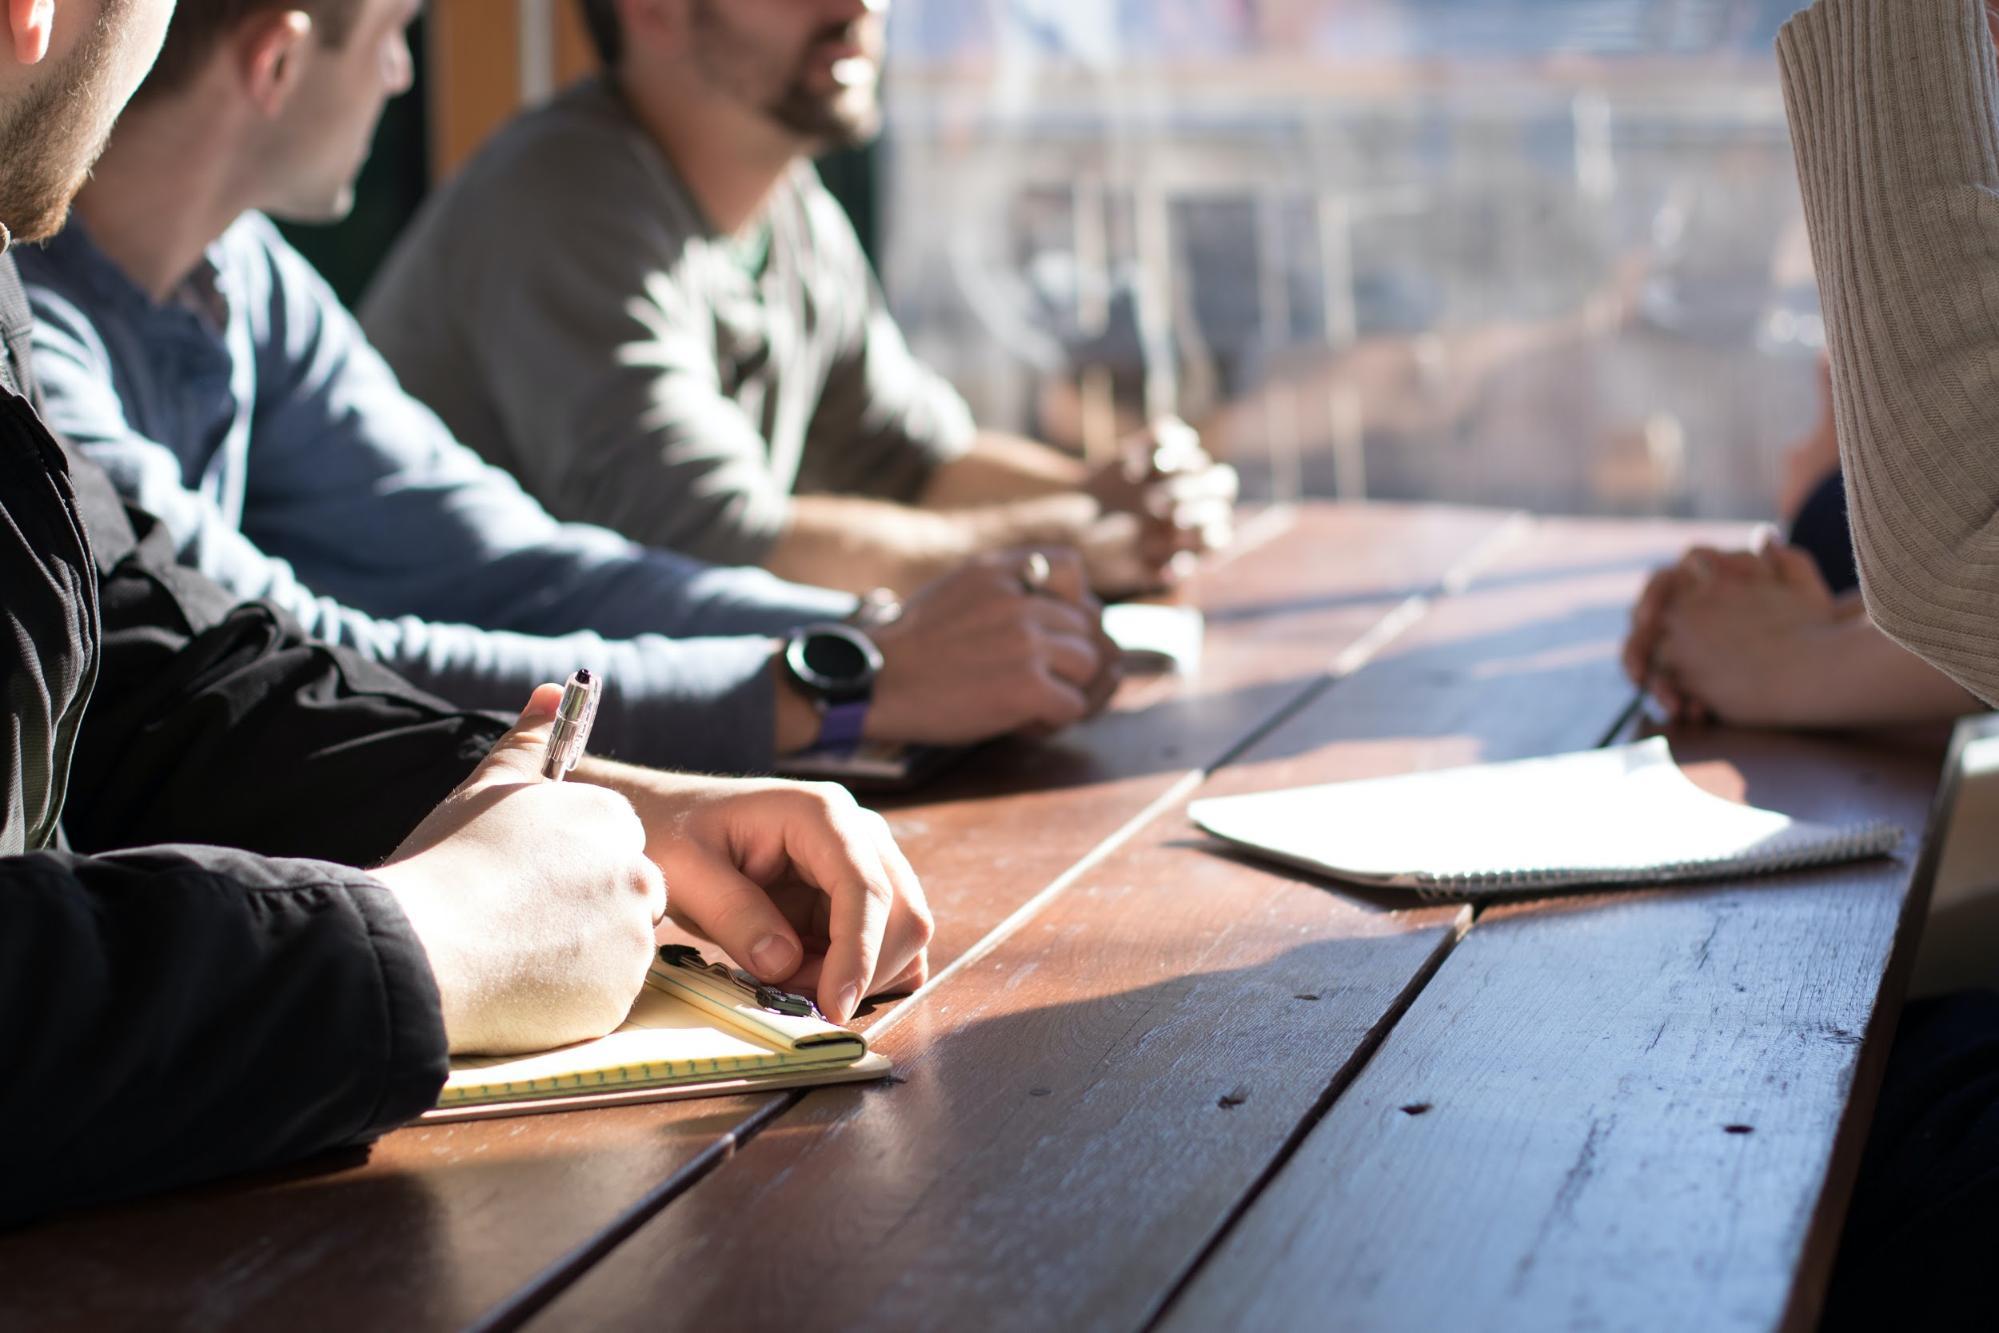 Réalisation d'une analyse de besoin dans une PME avant une transformation digitale